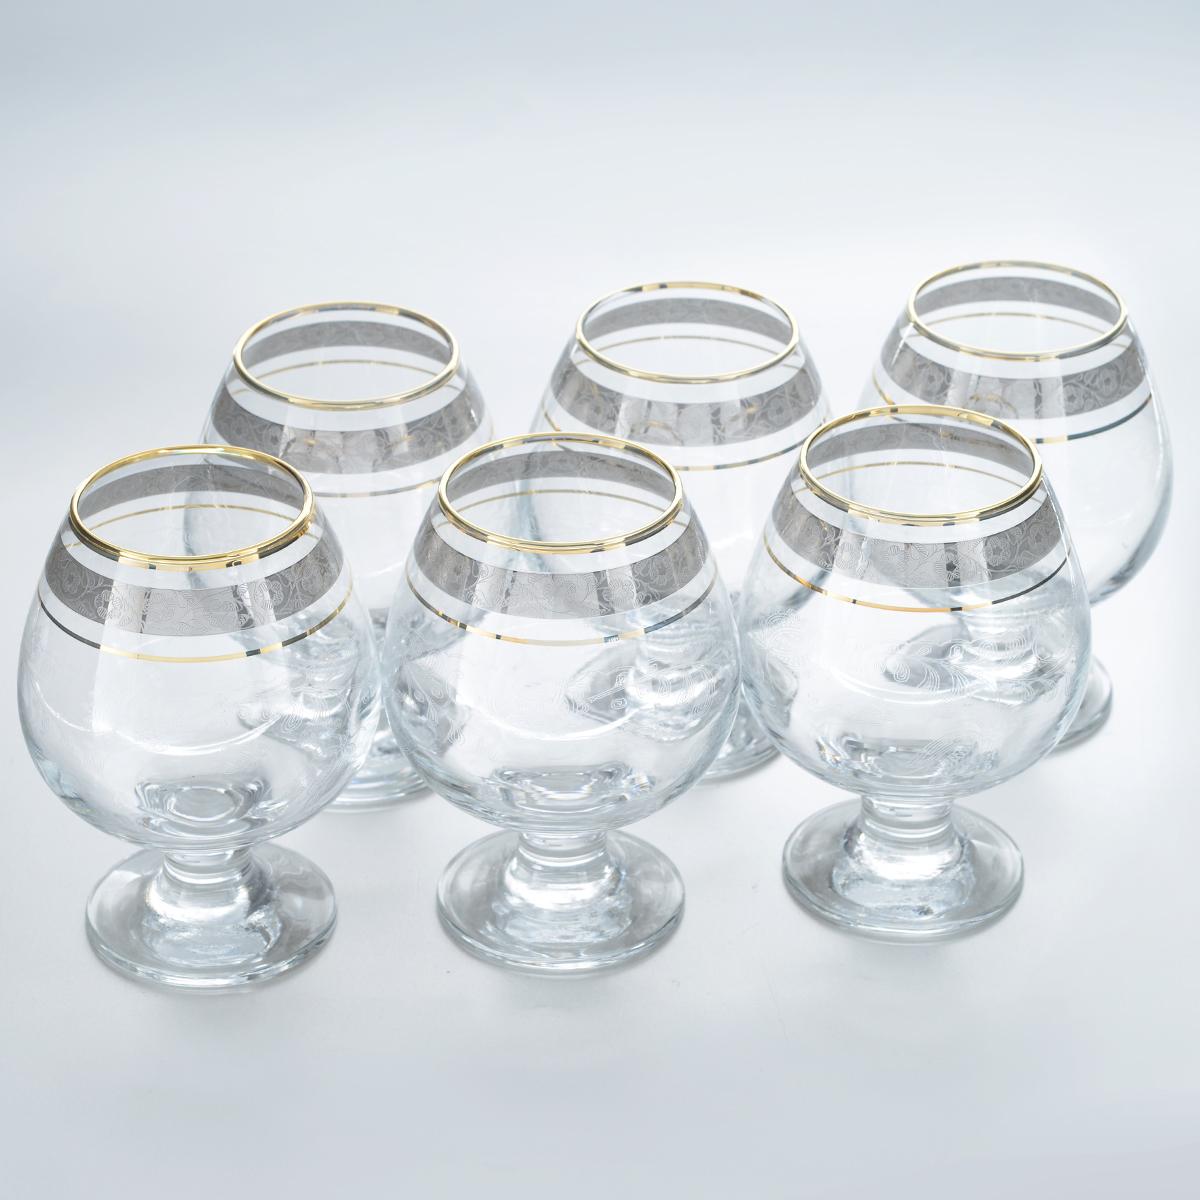 Набор бокалов для бренди Гусь-Хрустальный Нежность, 400 мл, 6 штVT-1520(SR)Набор Гусь-Хрустальный Нежность состоит из 6 бокалов на низкой ножке, изготовленных из высококачественного натрий-кальций-силикатного стекла. Изделия оформлены красивым зеркальным покрытием, окантовкой с цветочным узором и прозрачным орнаментом. Бокалы предназначены для подачи бренди. Такой набор прекрасно дополнит праздничный стол и станет желанным подарком в любом доме. Разрешается мыть в посудомоечной машине. Диаметр бокала (по верхнему краю): 5,5 см. Высота бокала: 12,5 см. Диаметр основания бокала: 6,5 см.